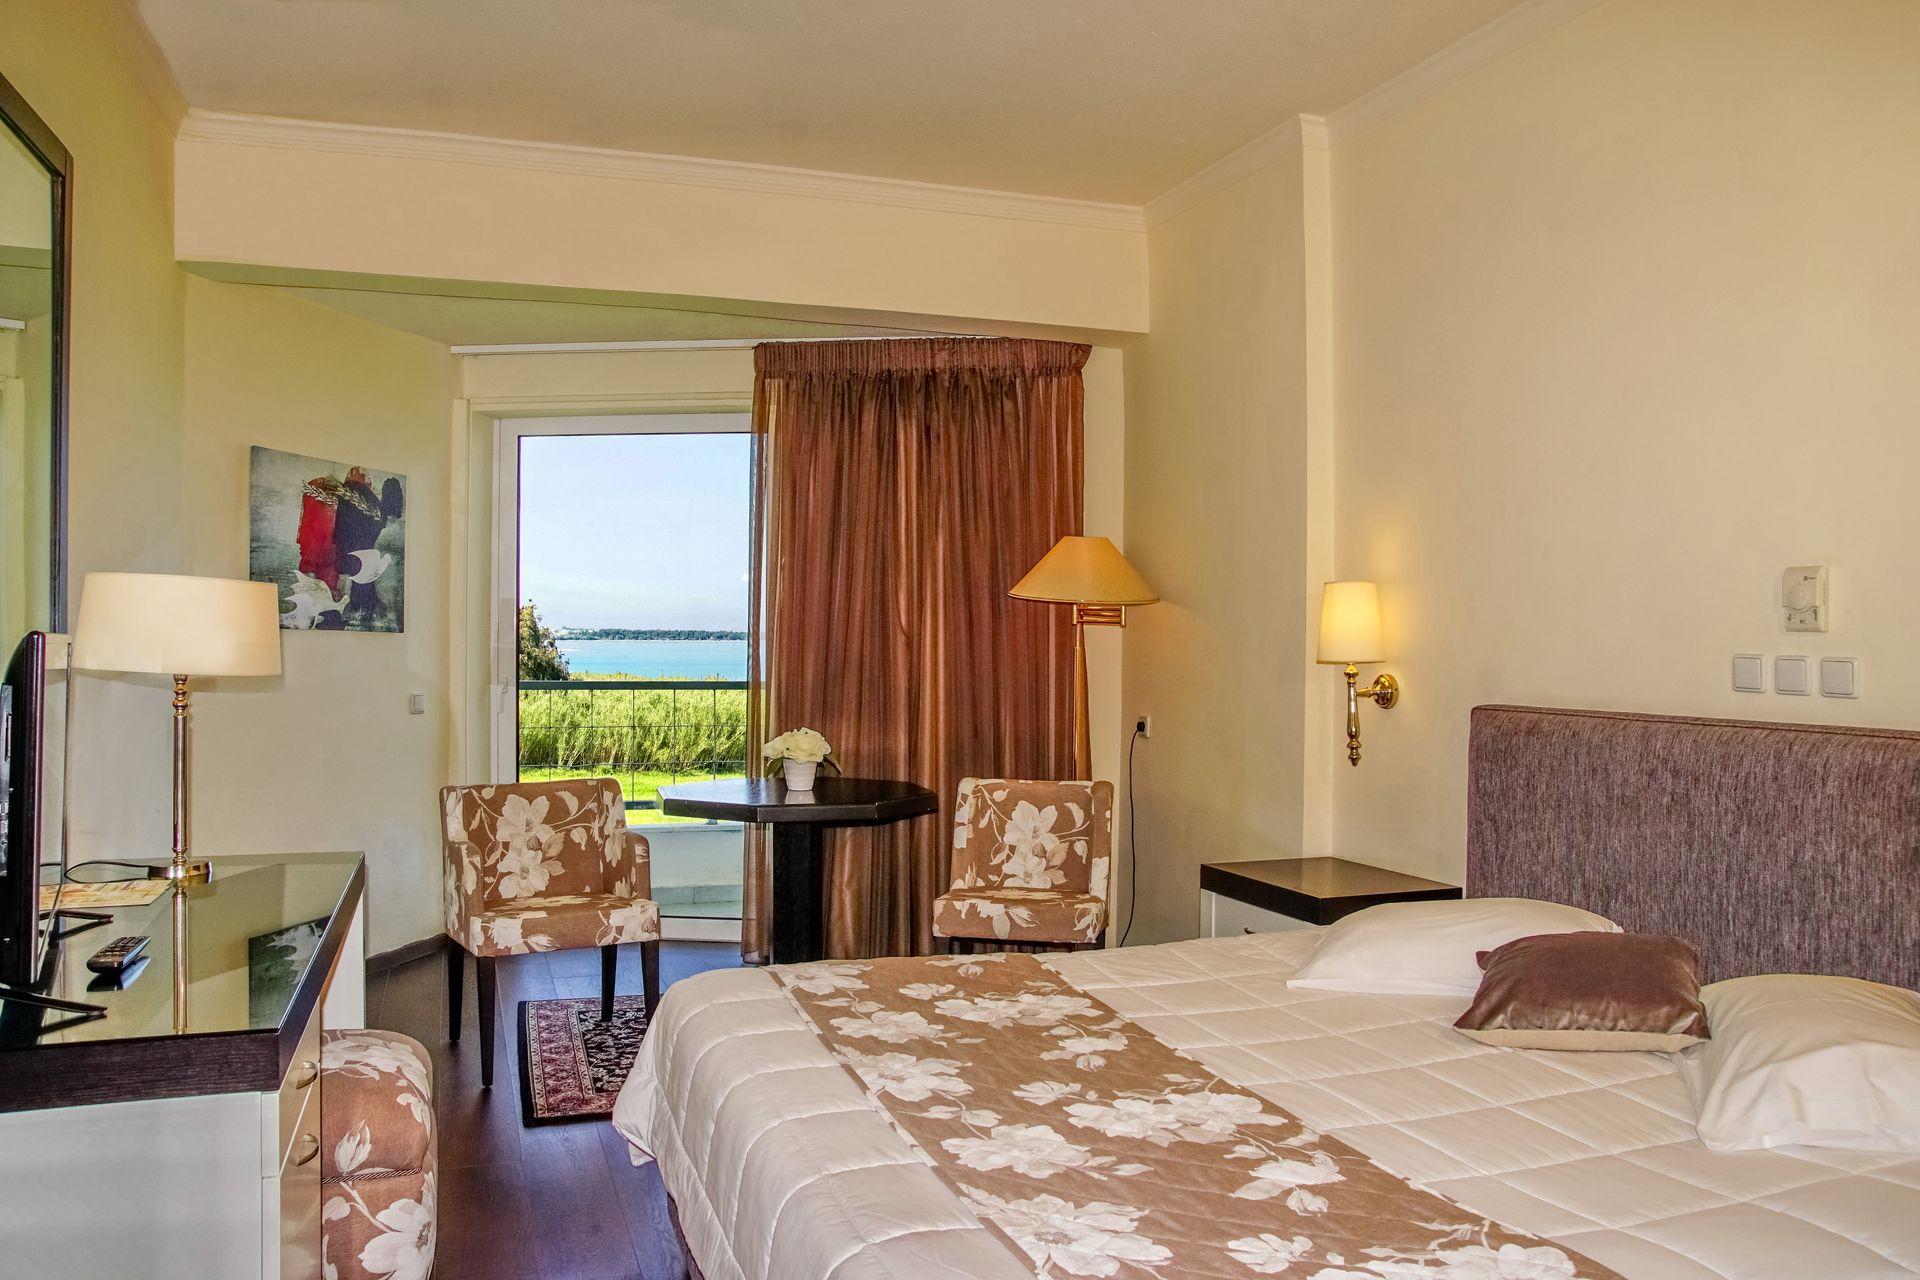 porto rio hotel casino 4